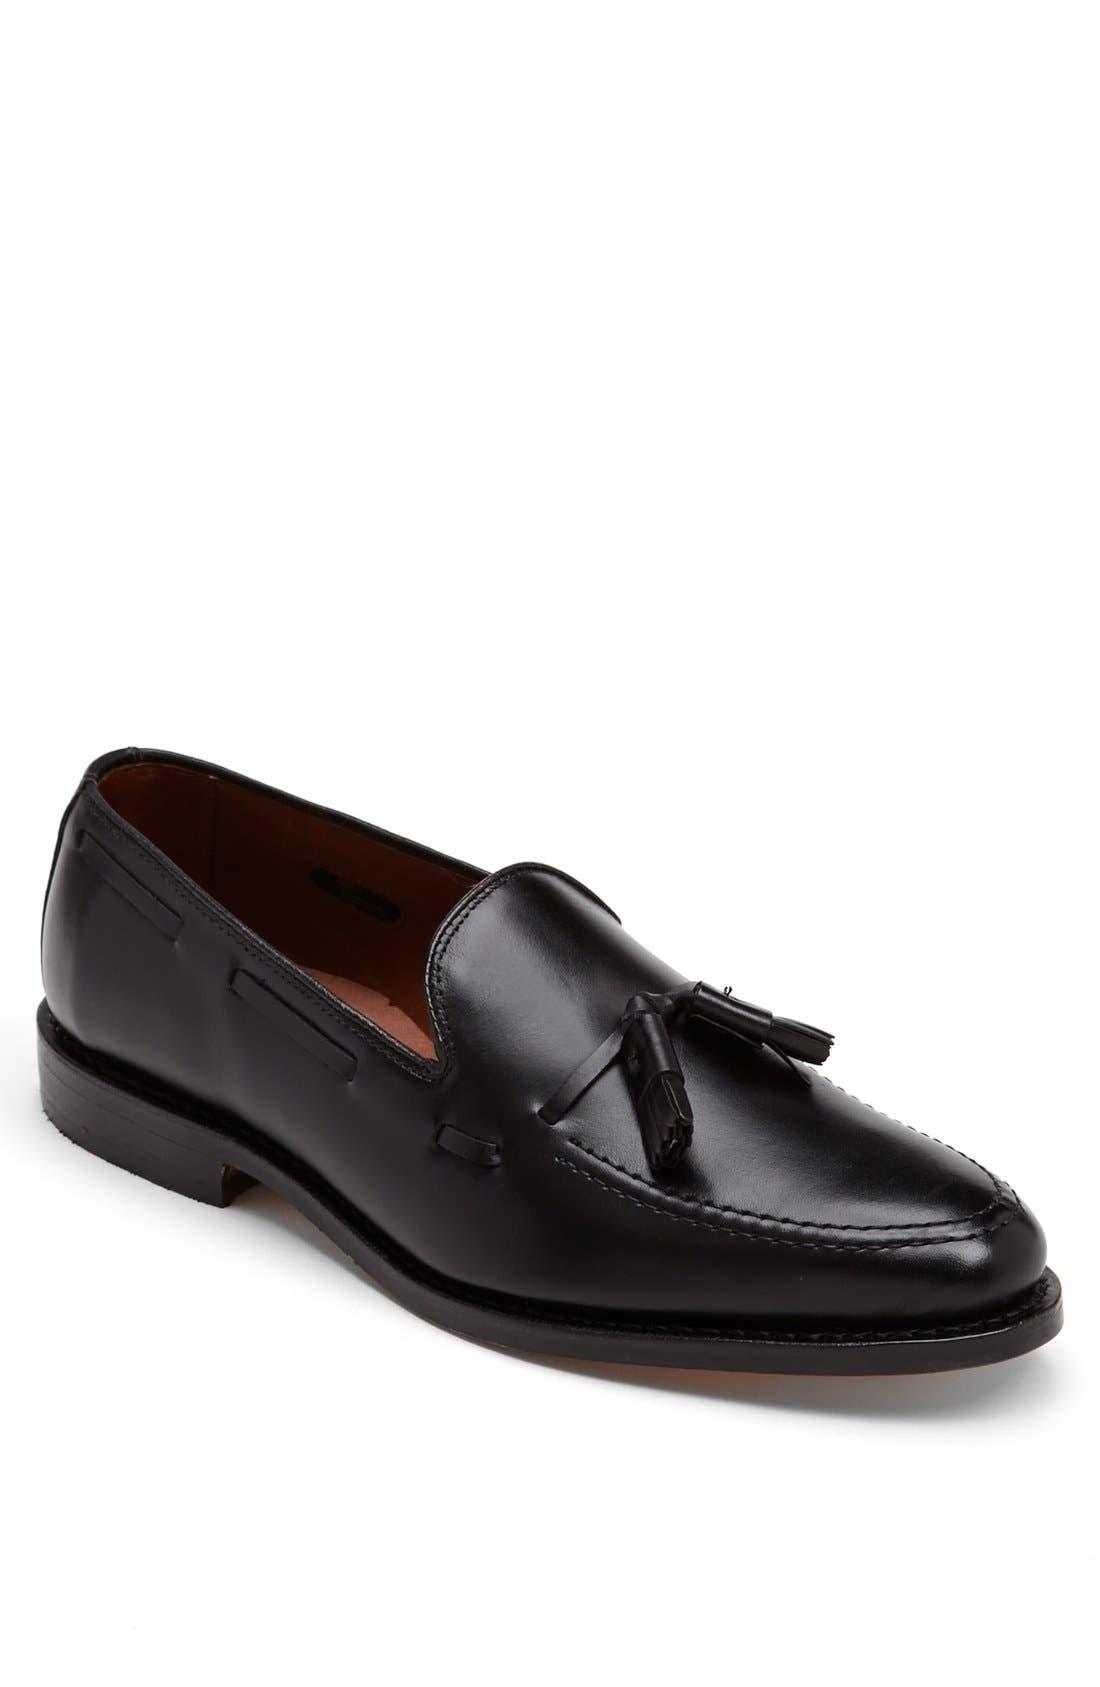 allen pour edmonds, chaussures pour allen hommes nordstrom ea7f06